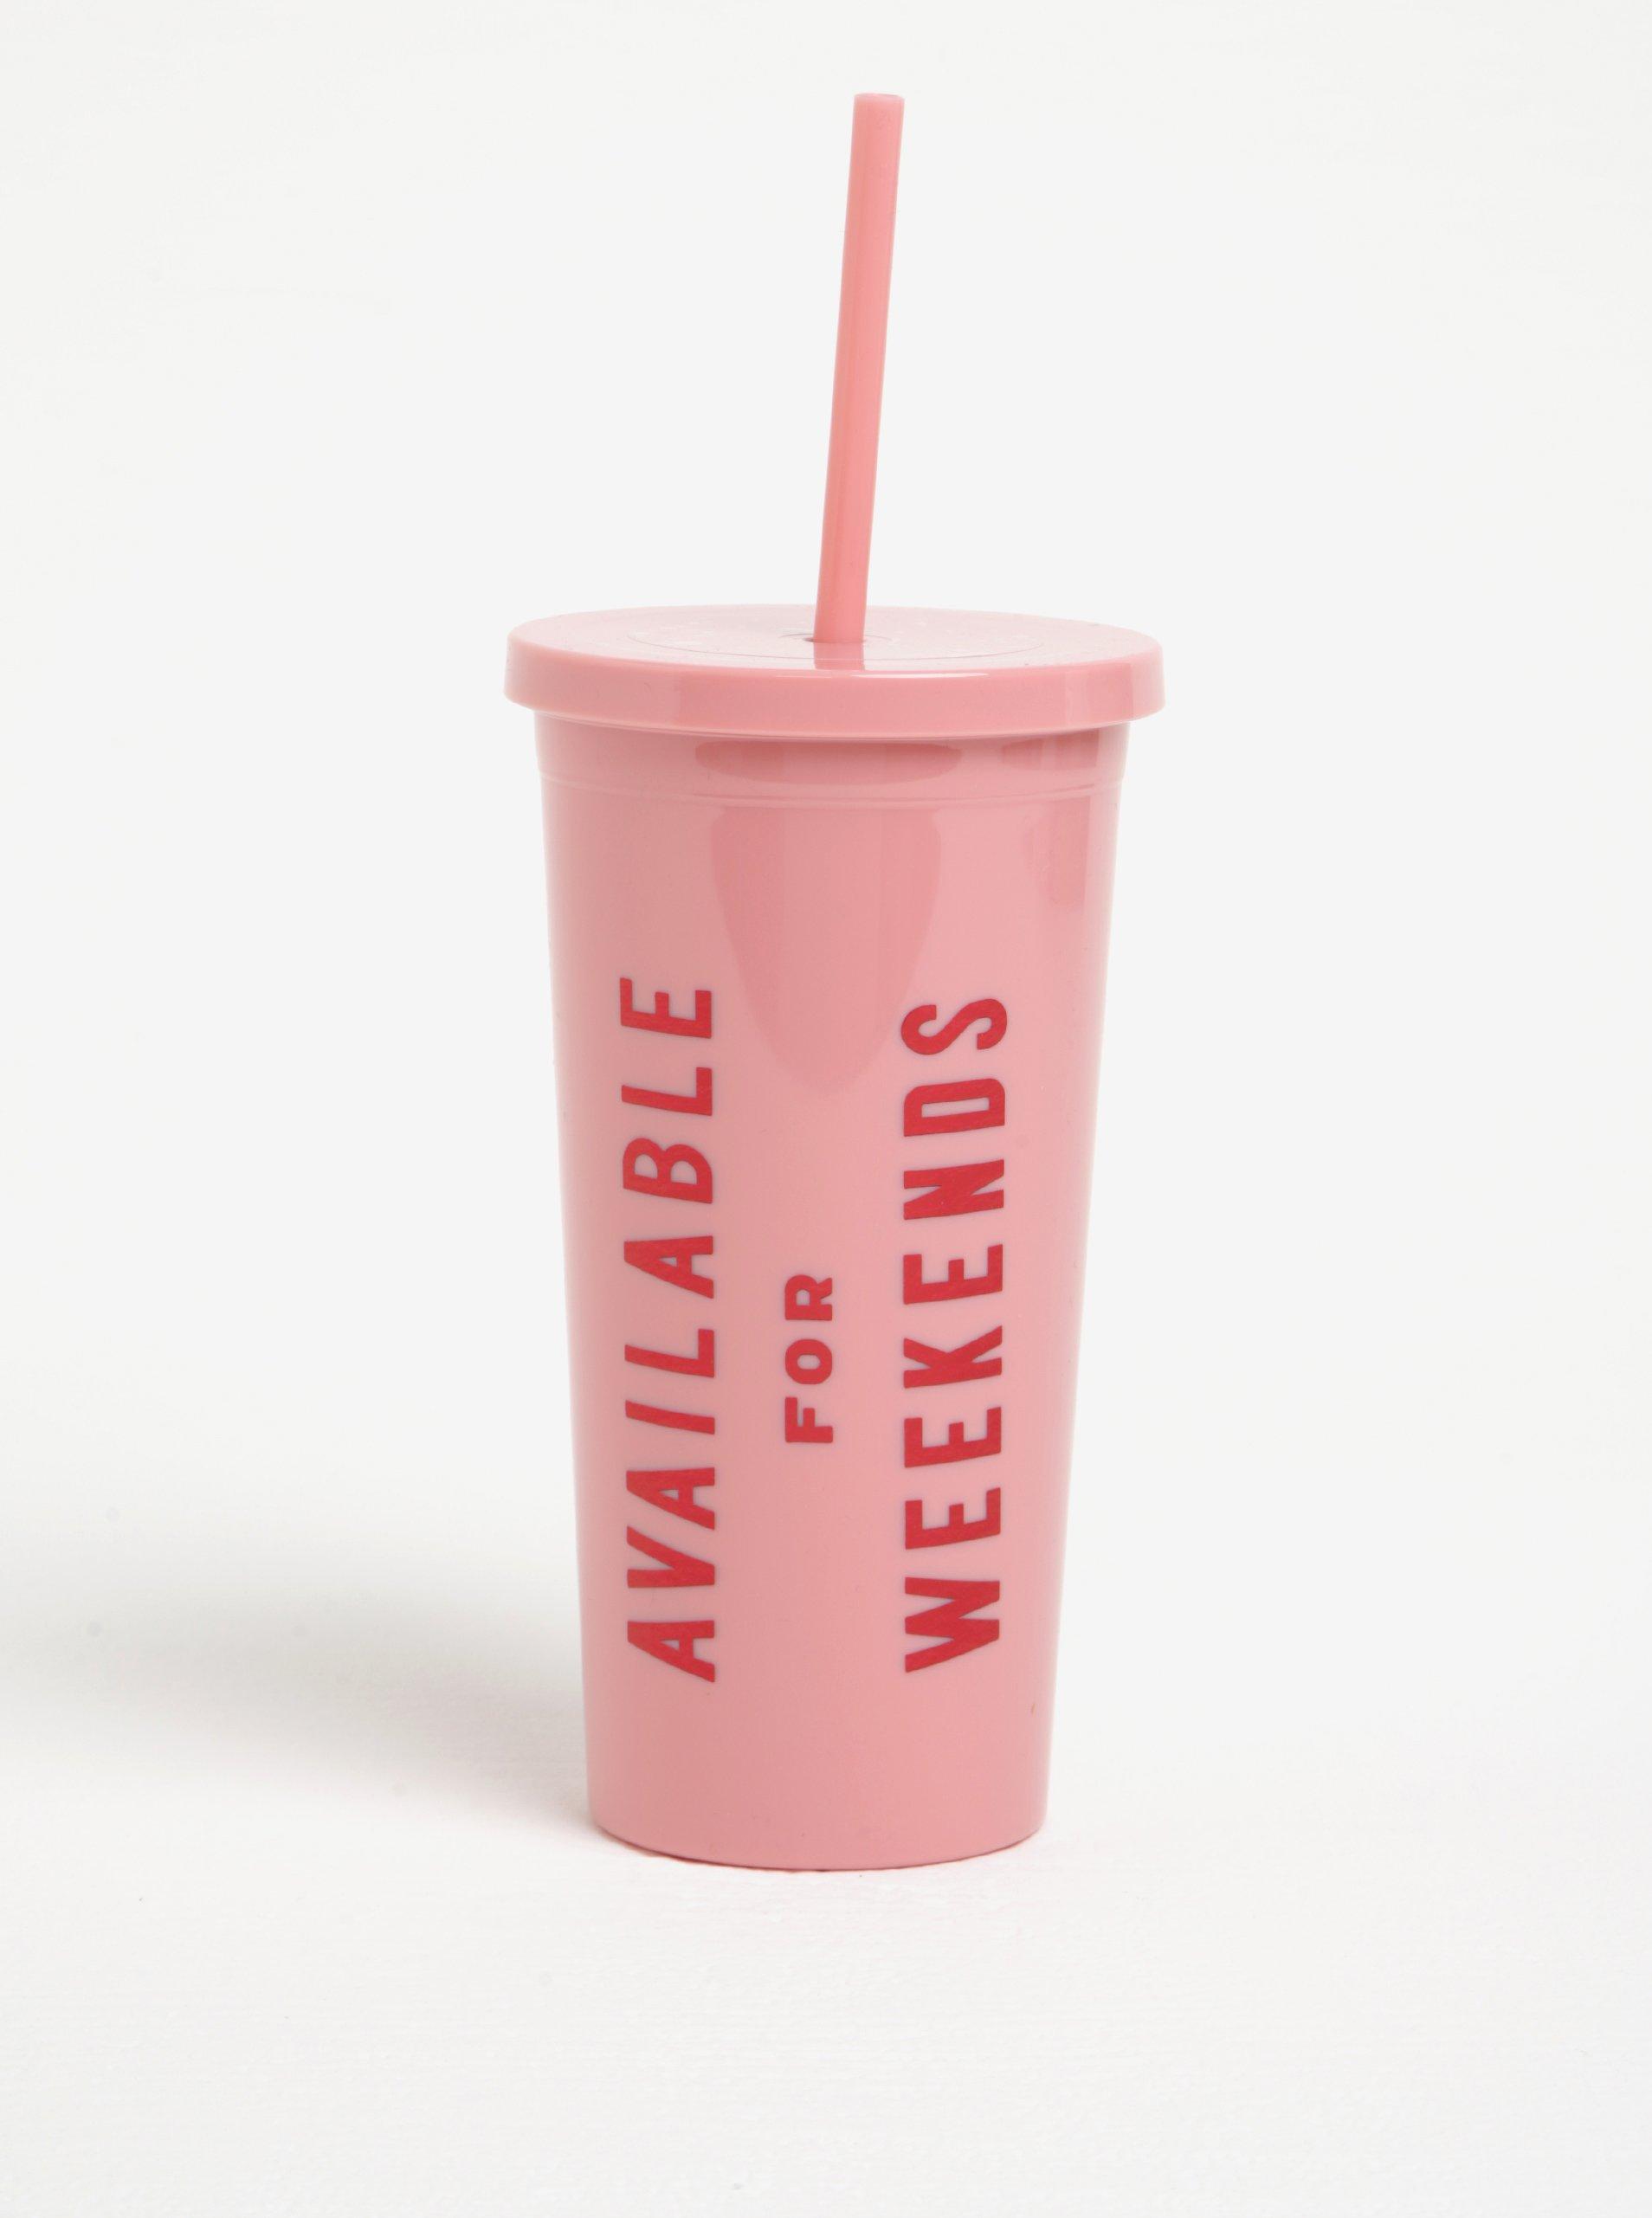 Růžový cestovní hrnek s brčkem ban.dō Available for weekends